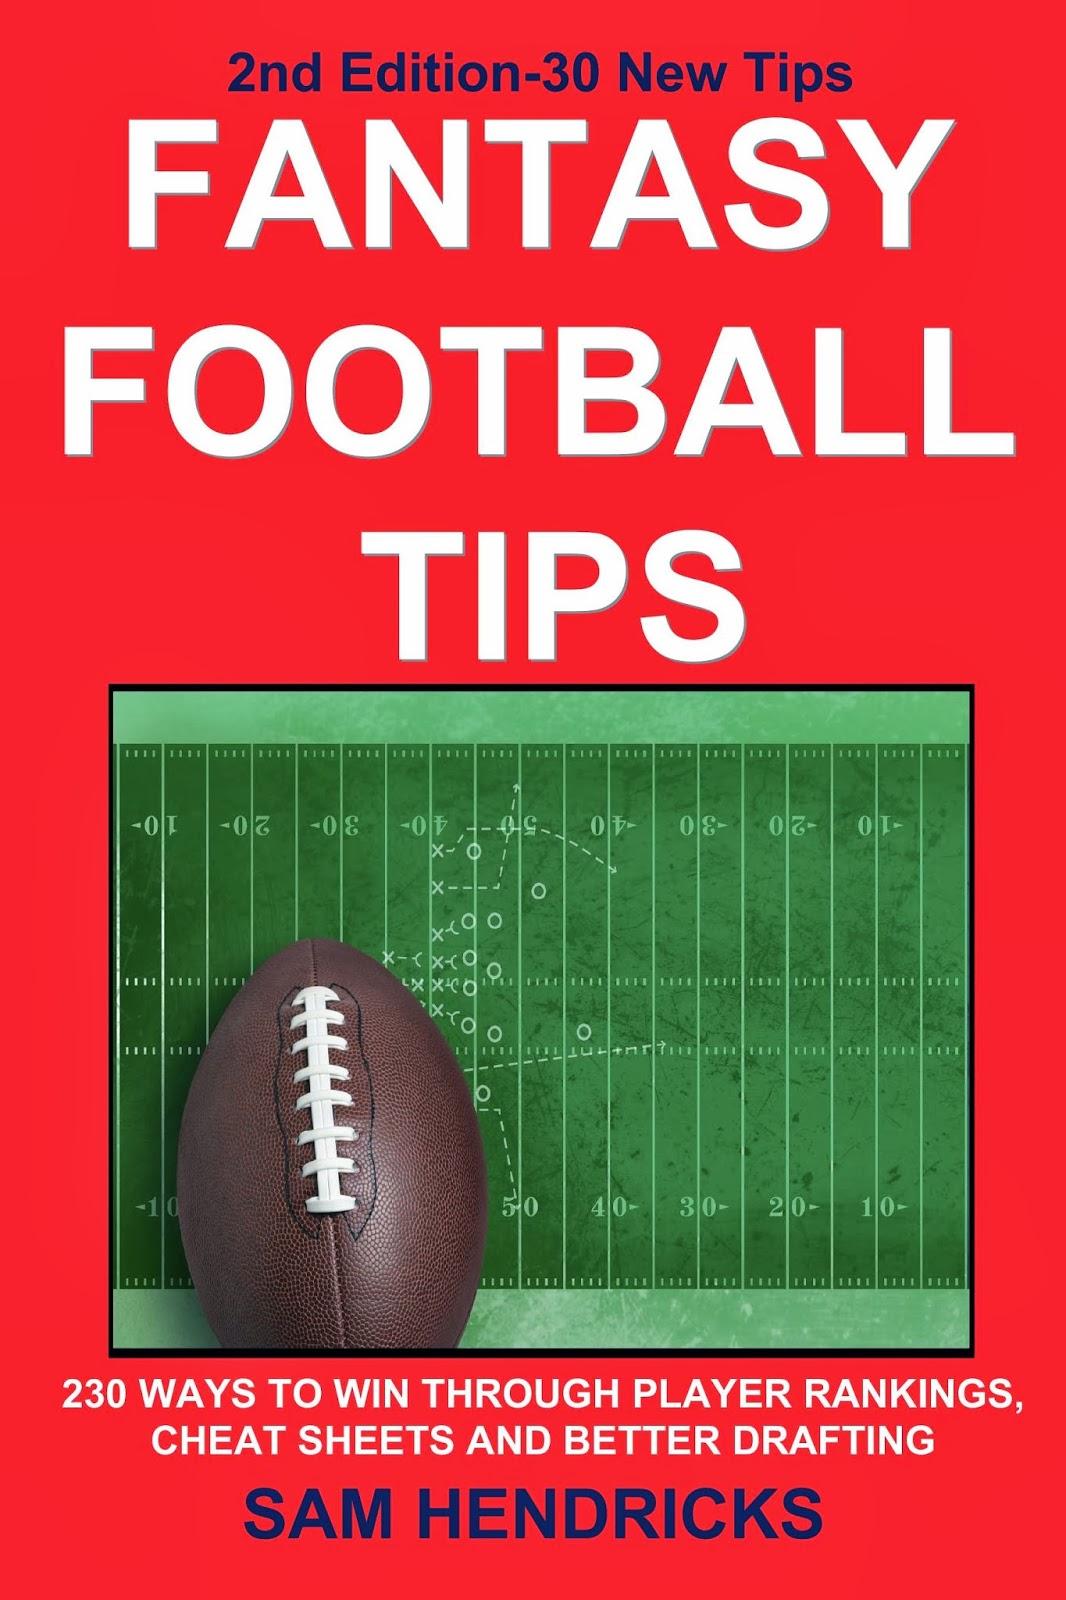 fantasy football guidebook rh fantasyfootballguidebook blogspot com